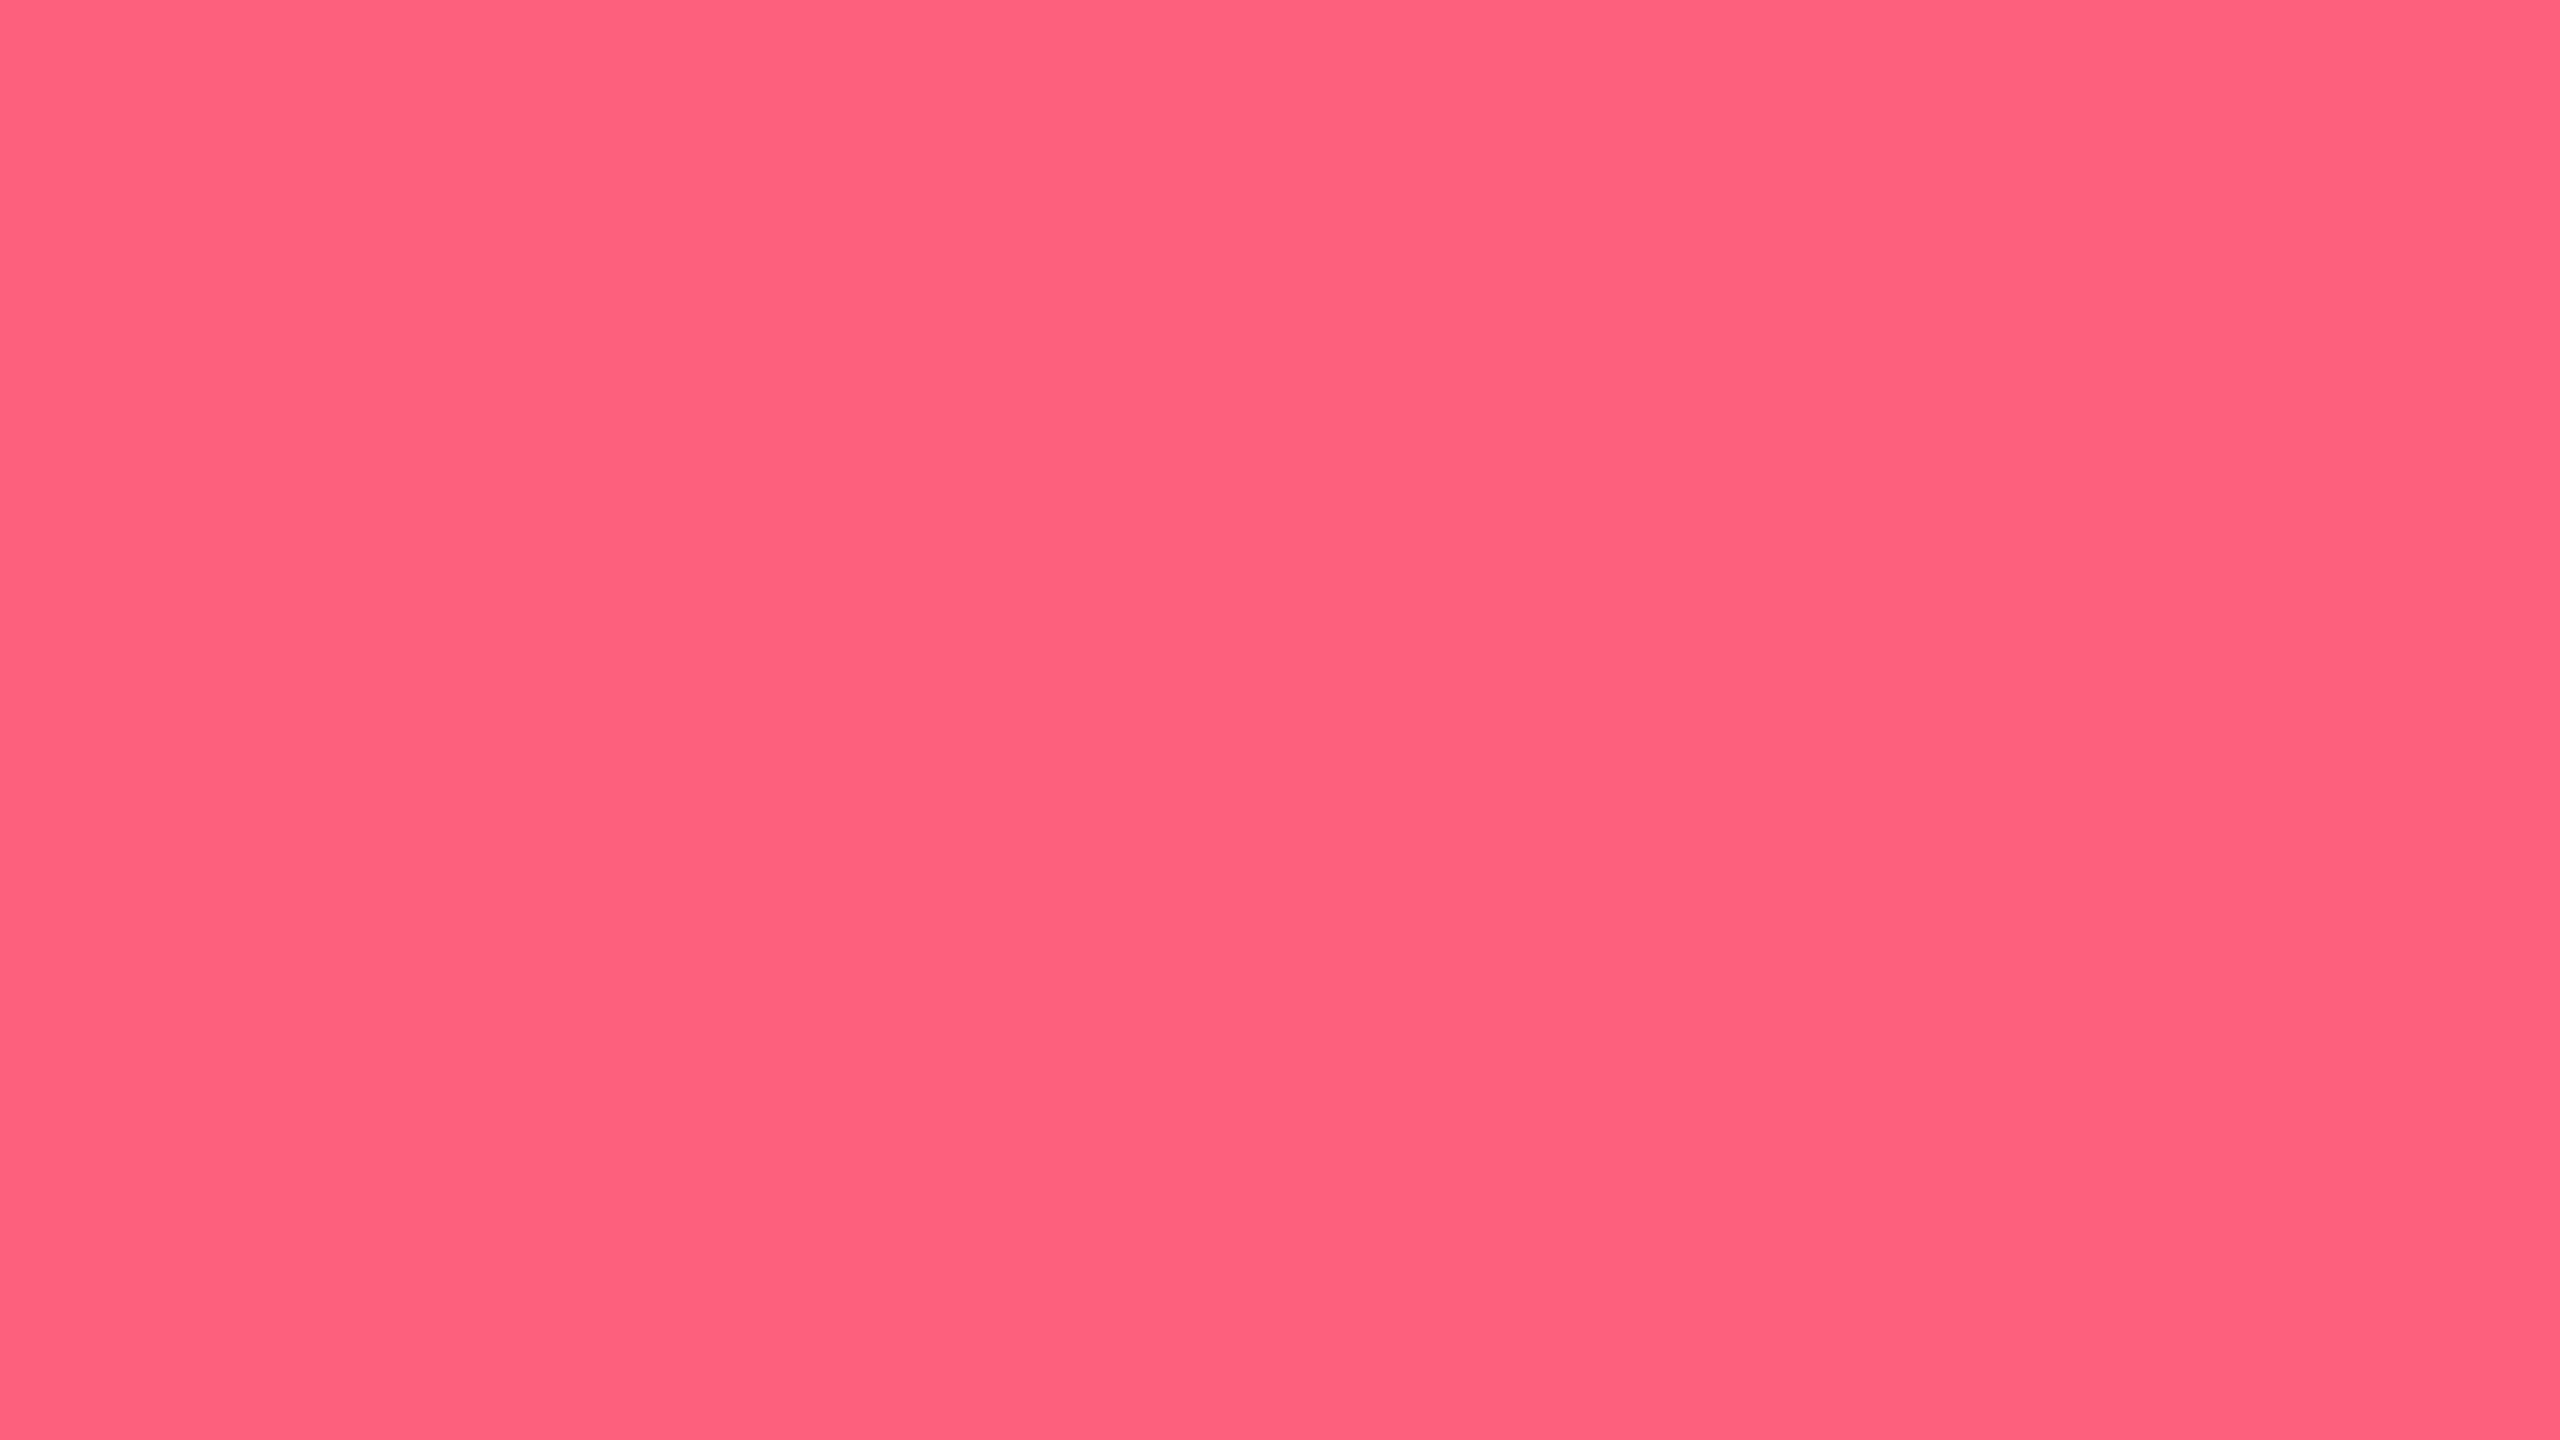 2560x1440 Brink Pink Solid Color Background